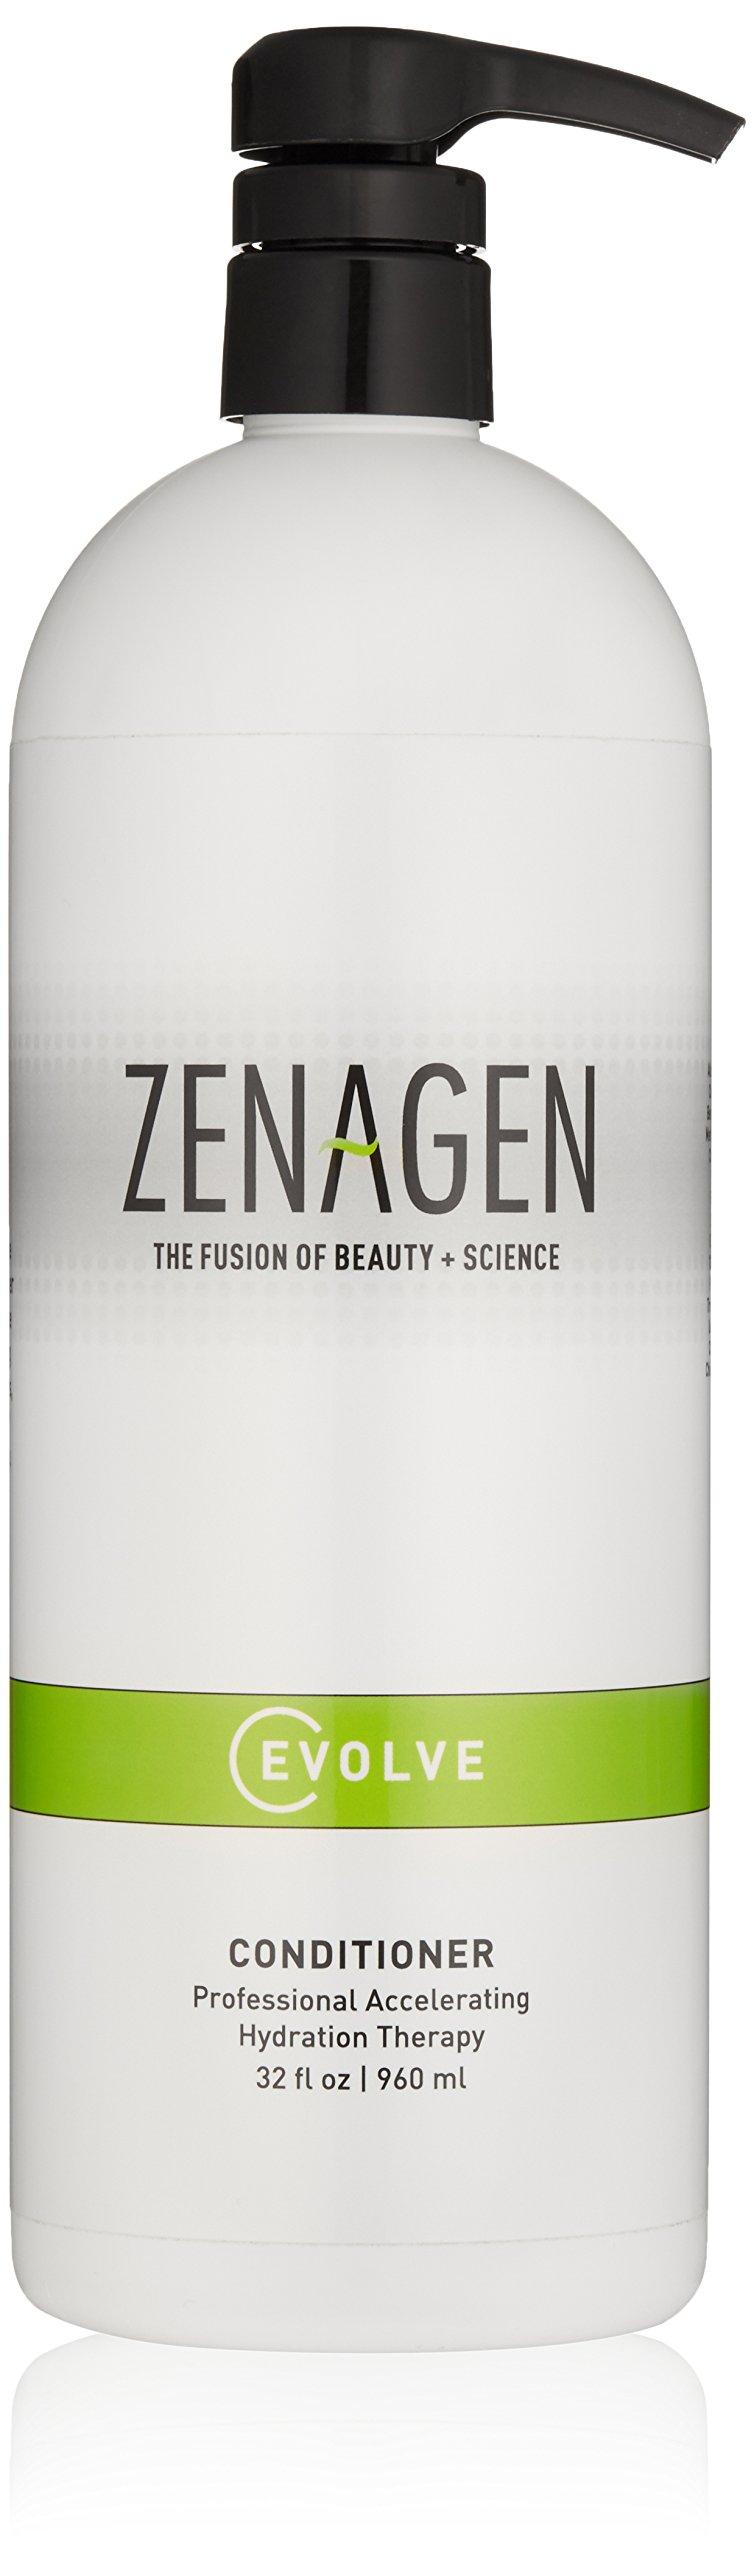 Zenagen Evolve Unisex Conditioner, 32 Fl Oz